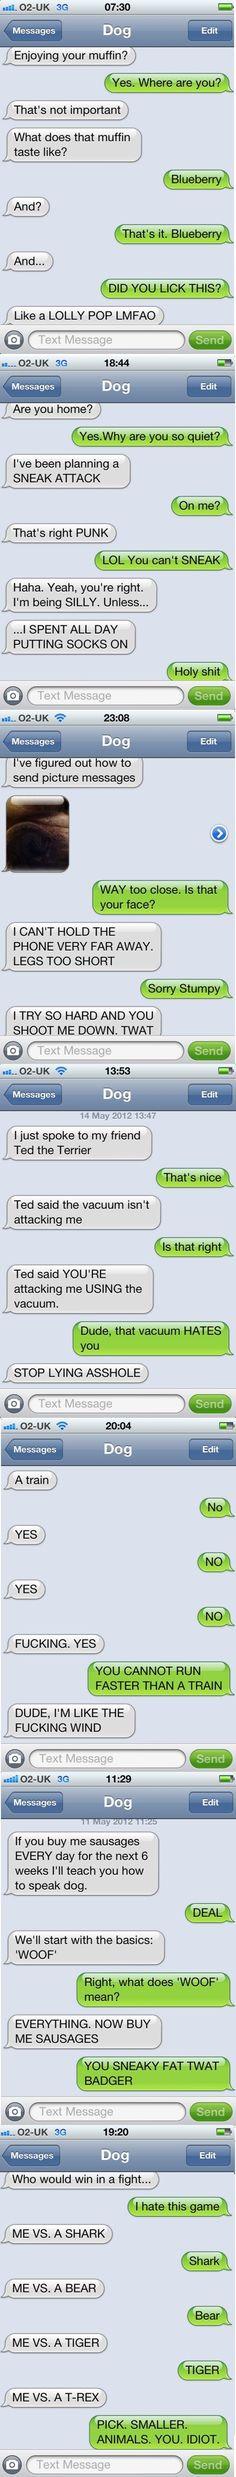 hahahaha love it. i wish my rock could text me lol